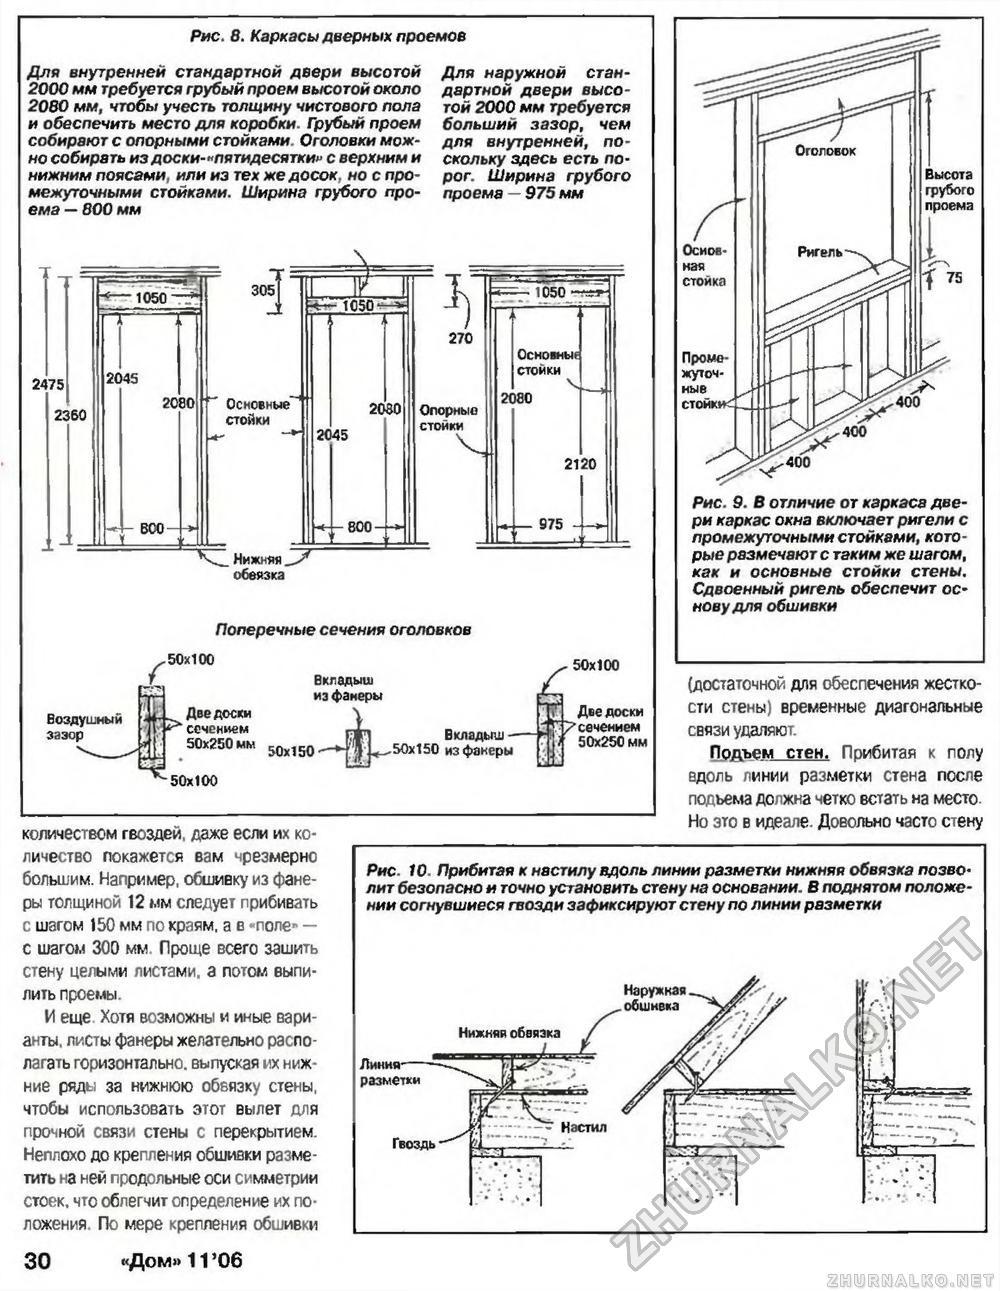 стандартная высота металлической двери